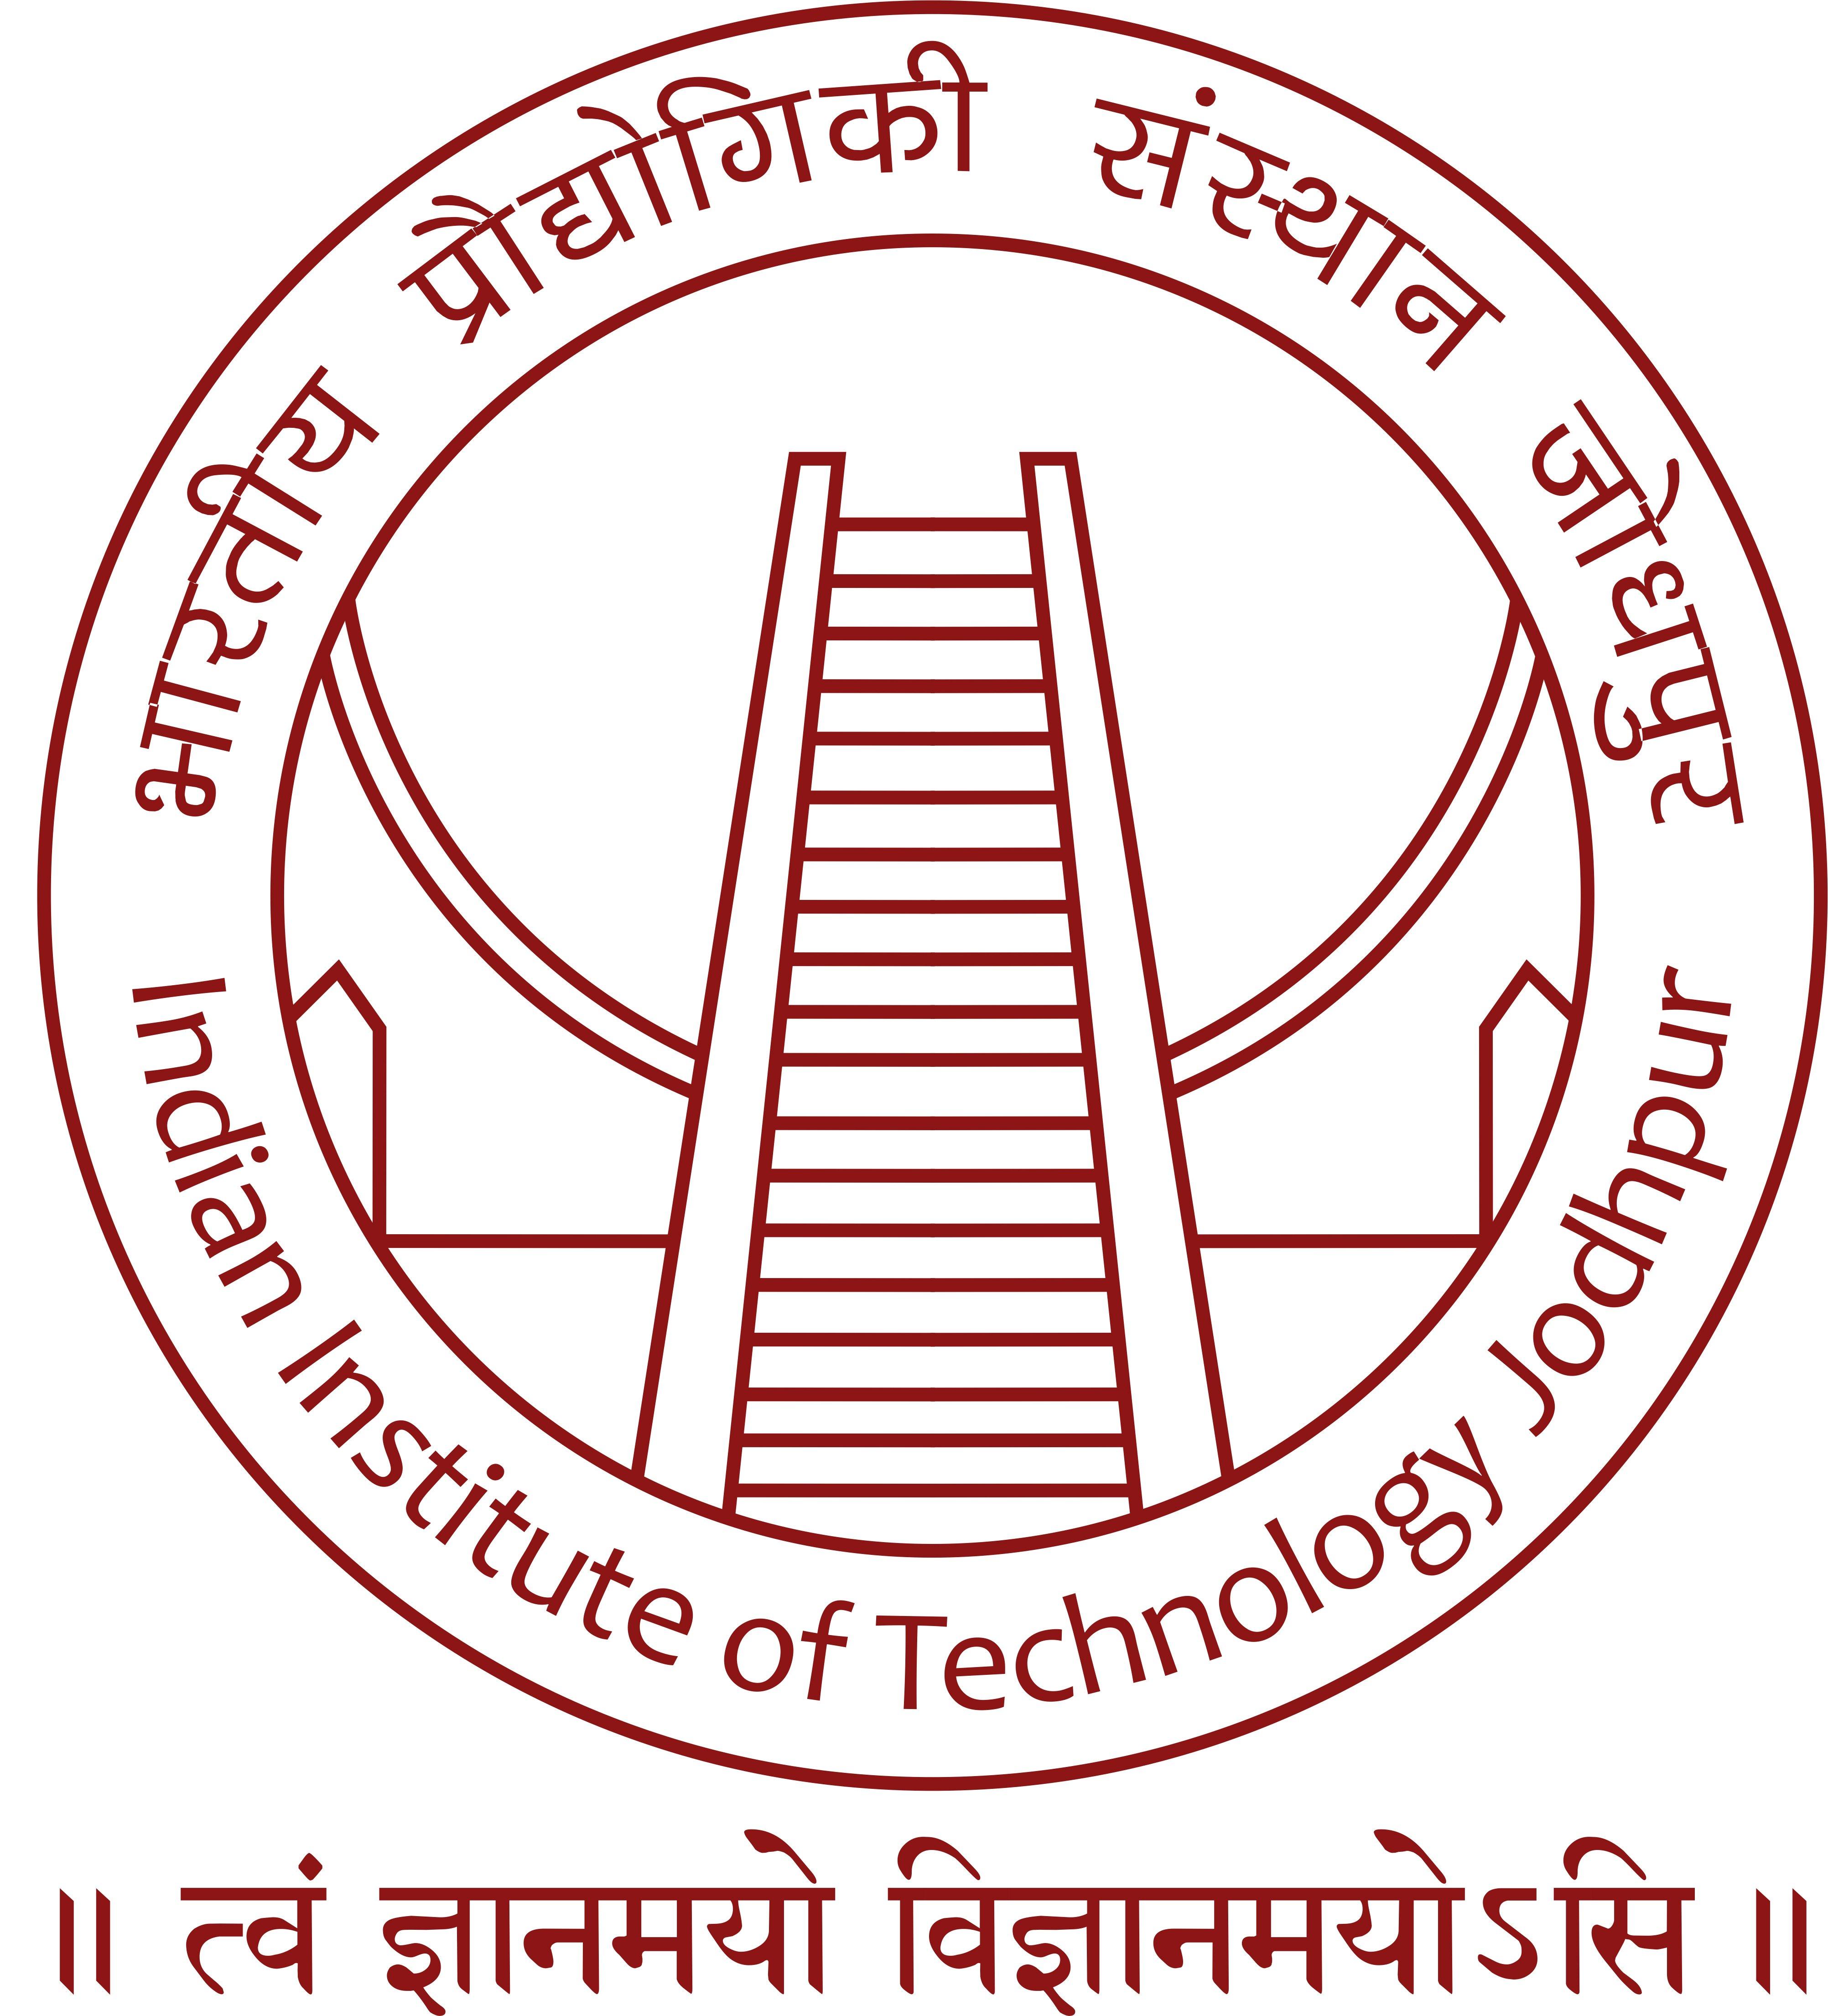 IIT, Jodhpur